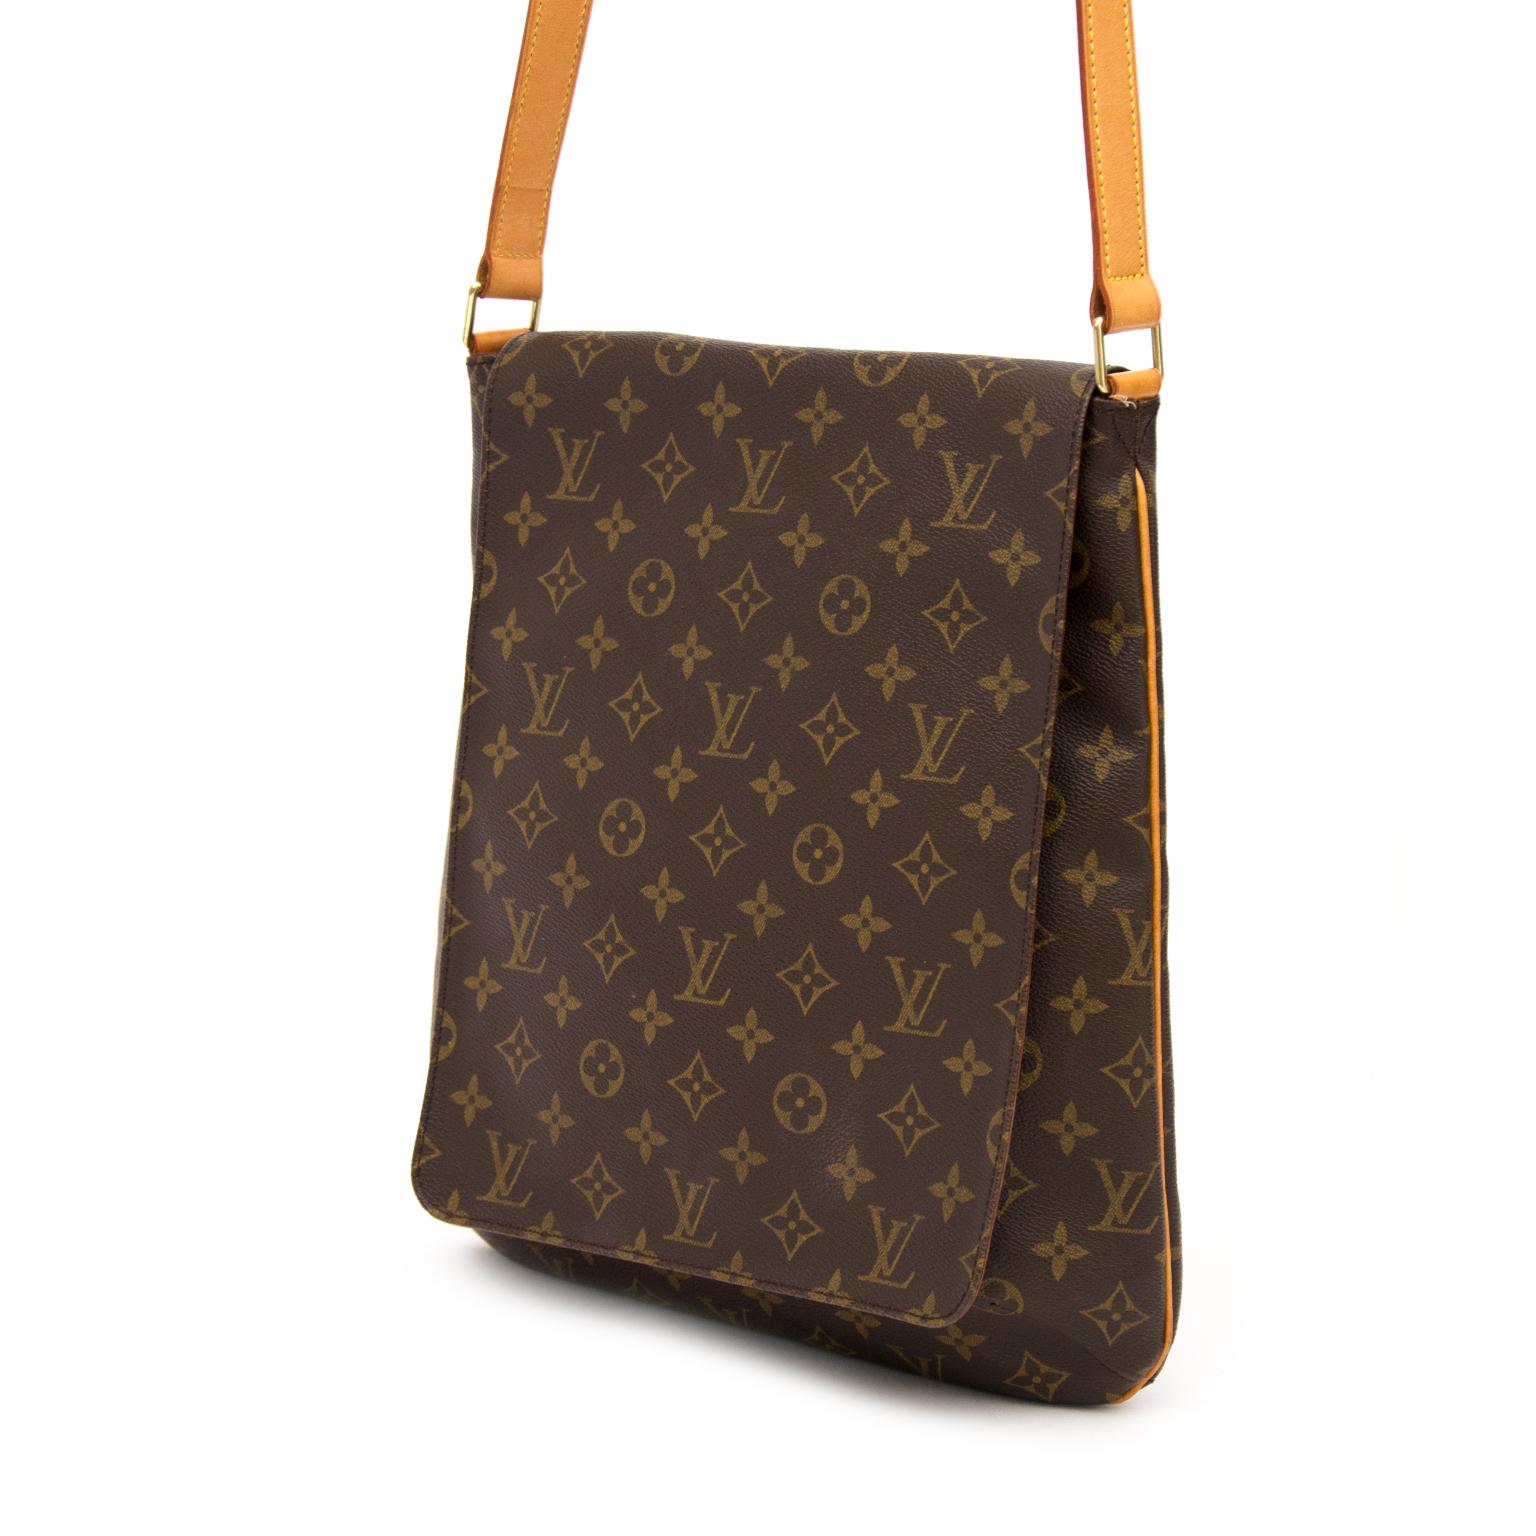 ... sac à mains Louis Wij kopen en verkopen uw designer handtassen aan de  beste prijs bij Labellov · Louis Vuitton 8f5ad87f55d